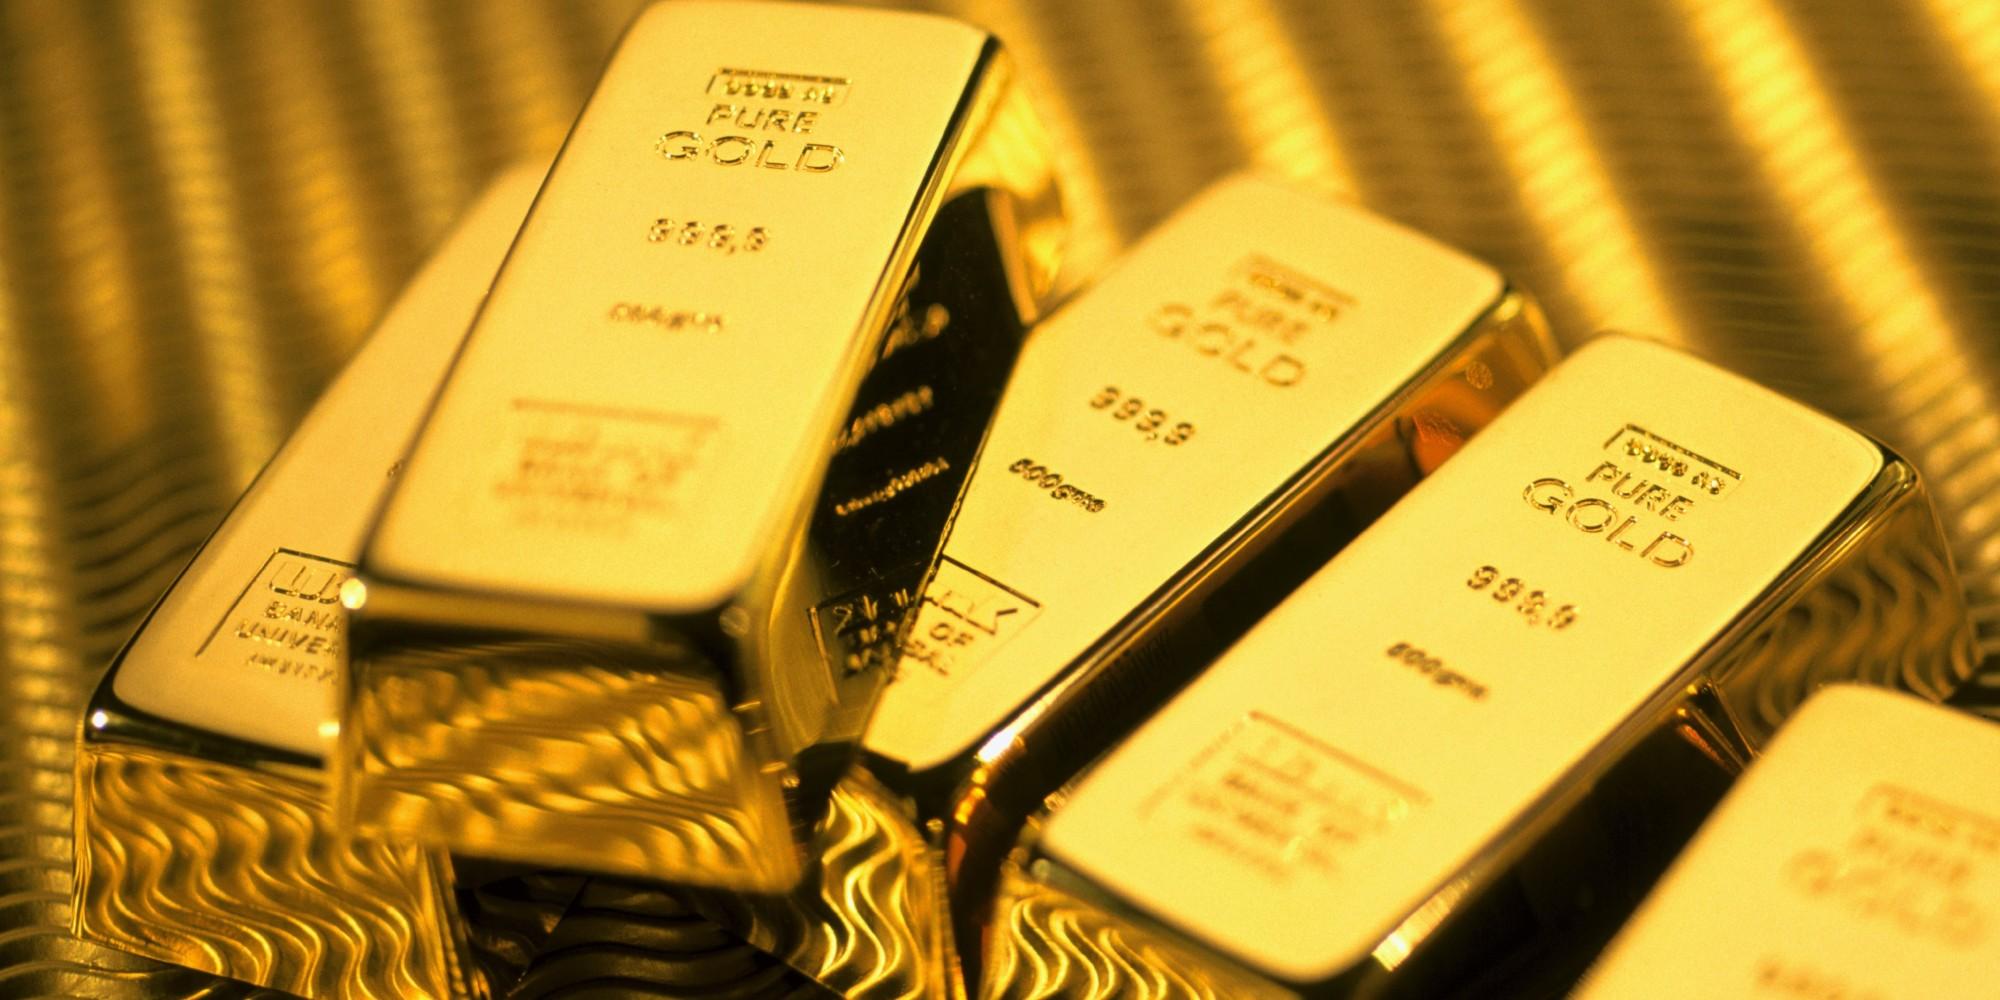 صورة سعر الذهب اليوم الأحد 20 سبتمبر 2020: أسعار الذهب في مصر الآن